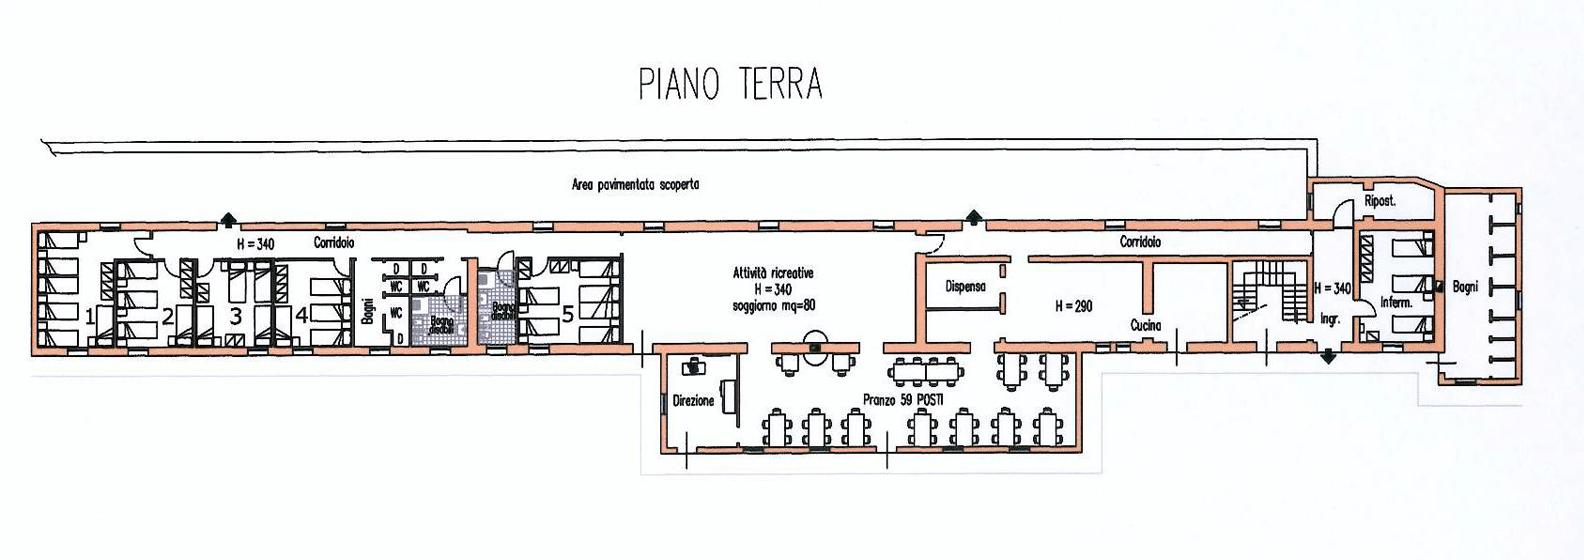 Piano terra casa alpina cabrini bresciani for Piano casa piano terra